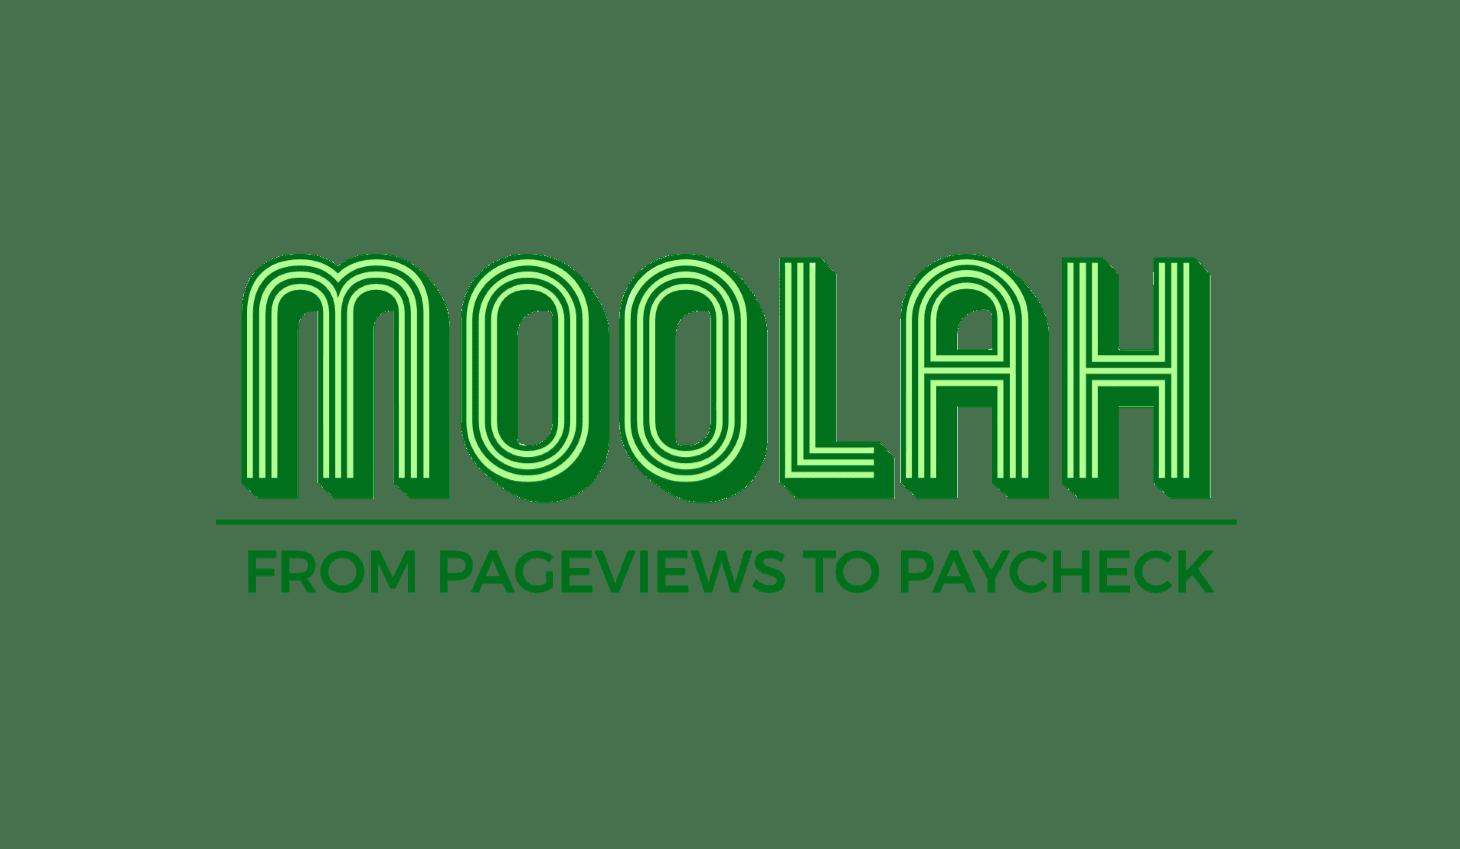 Moolah Marketing logo